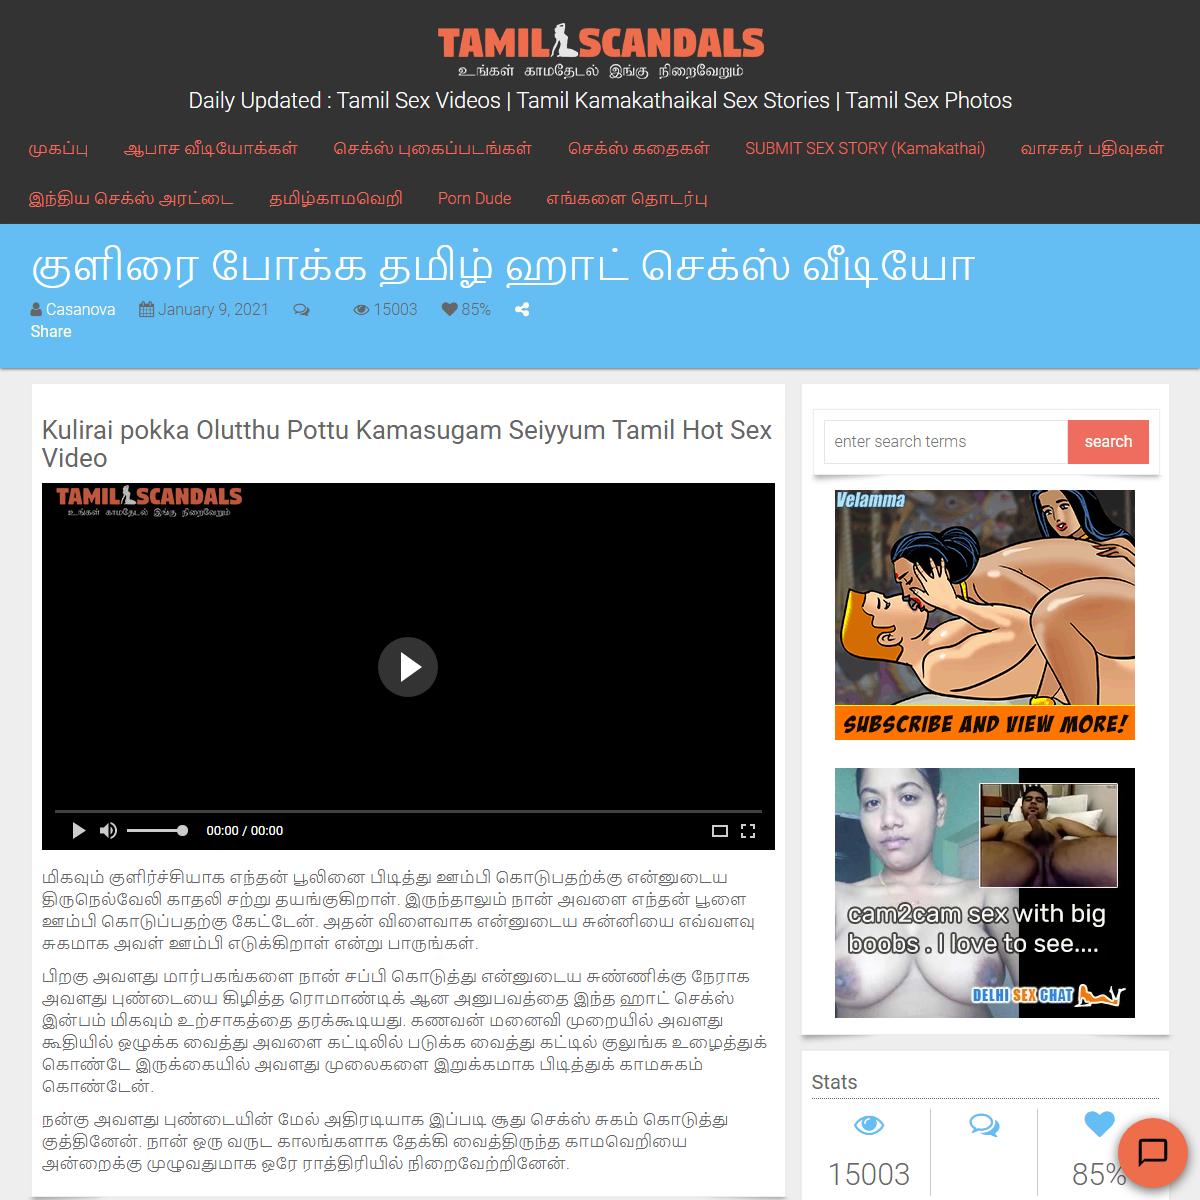 குளிரை போக்க தமிழ் ஹாட் செக்ஸ் வீடியோ - TamilScandals